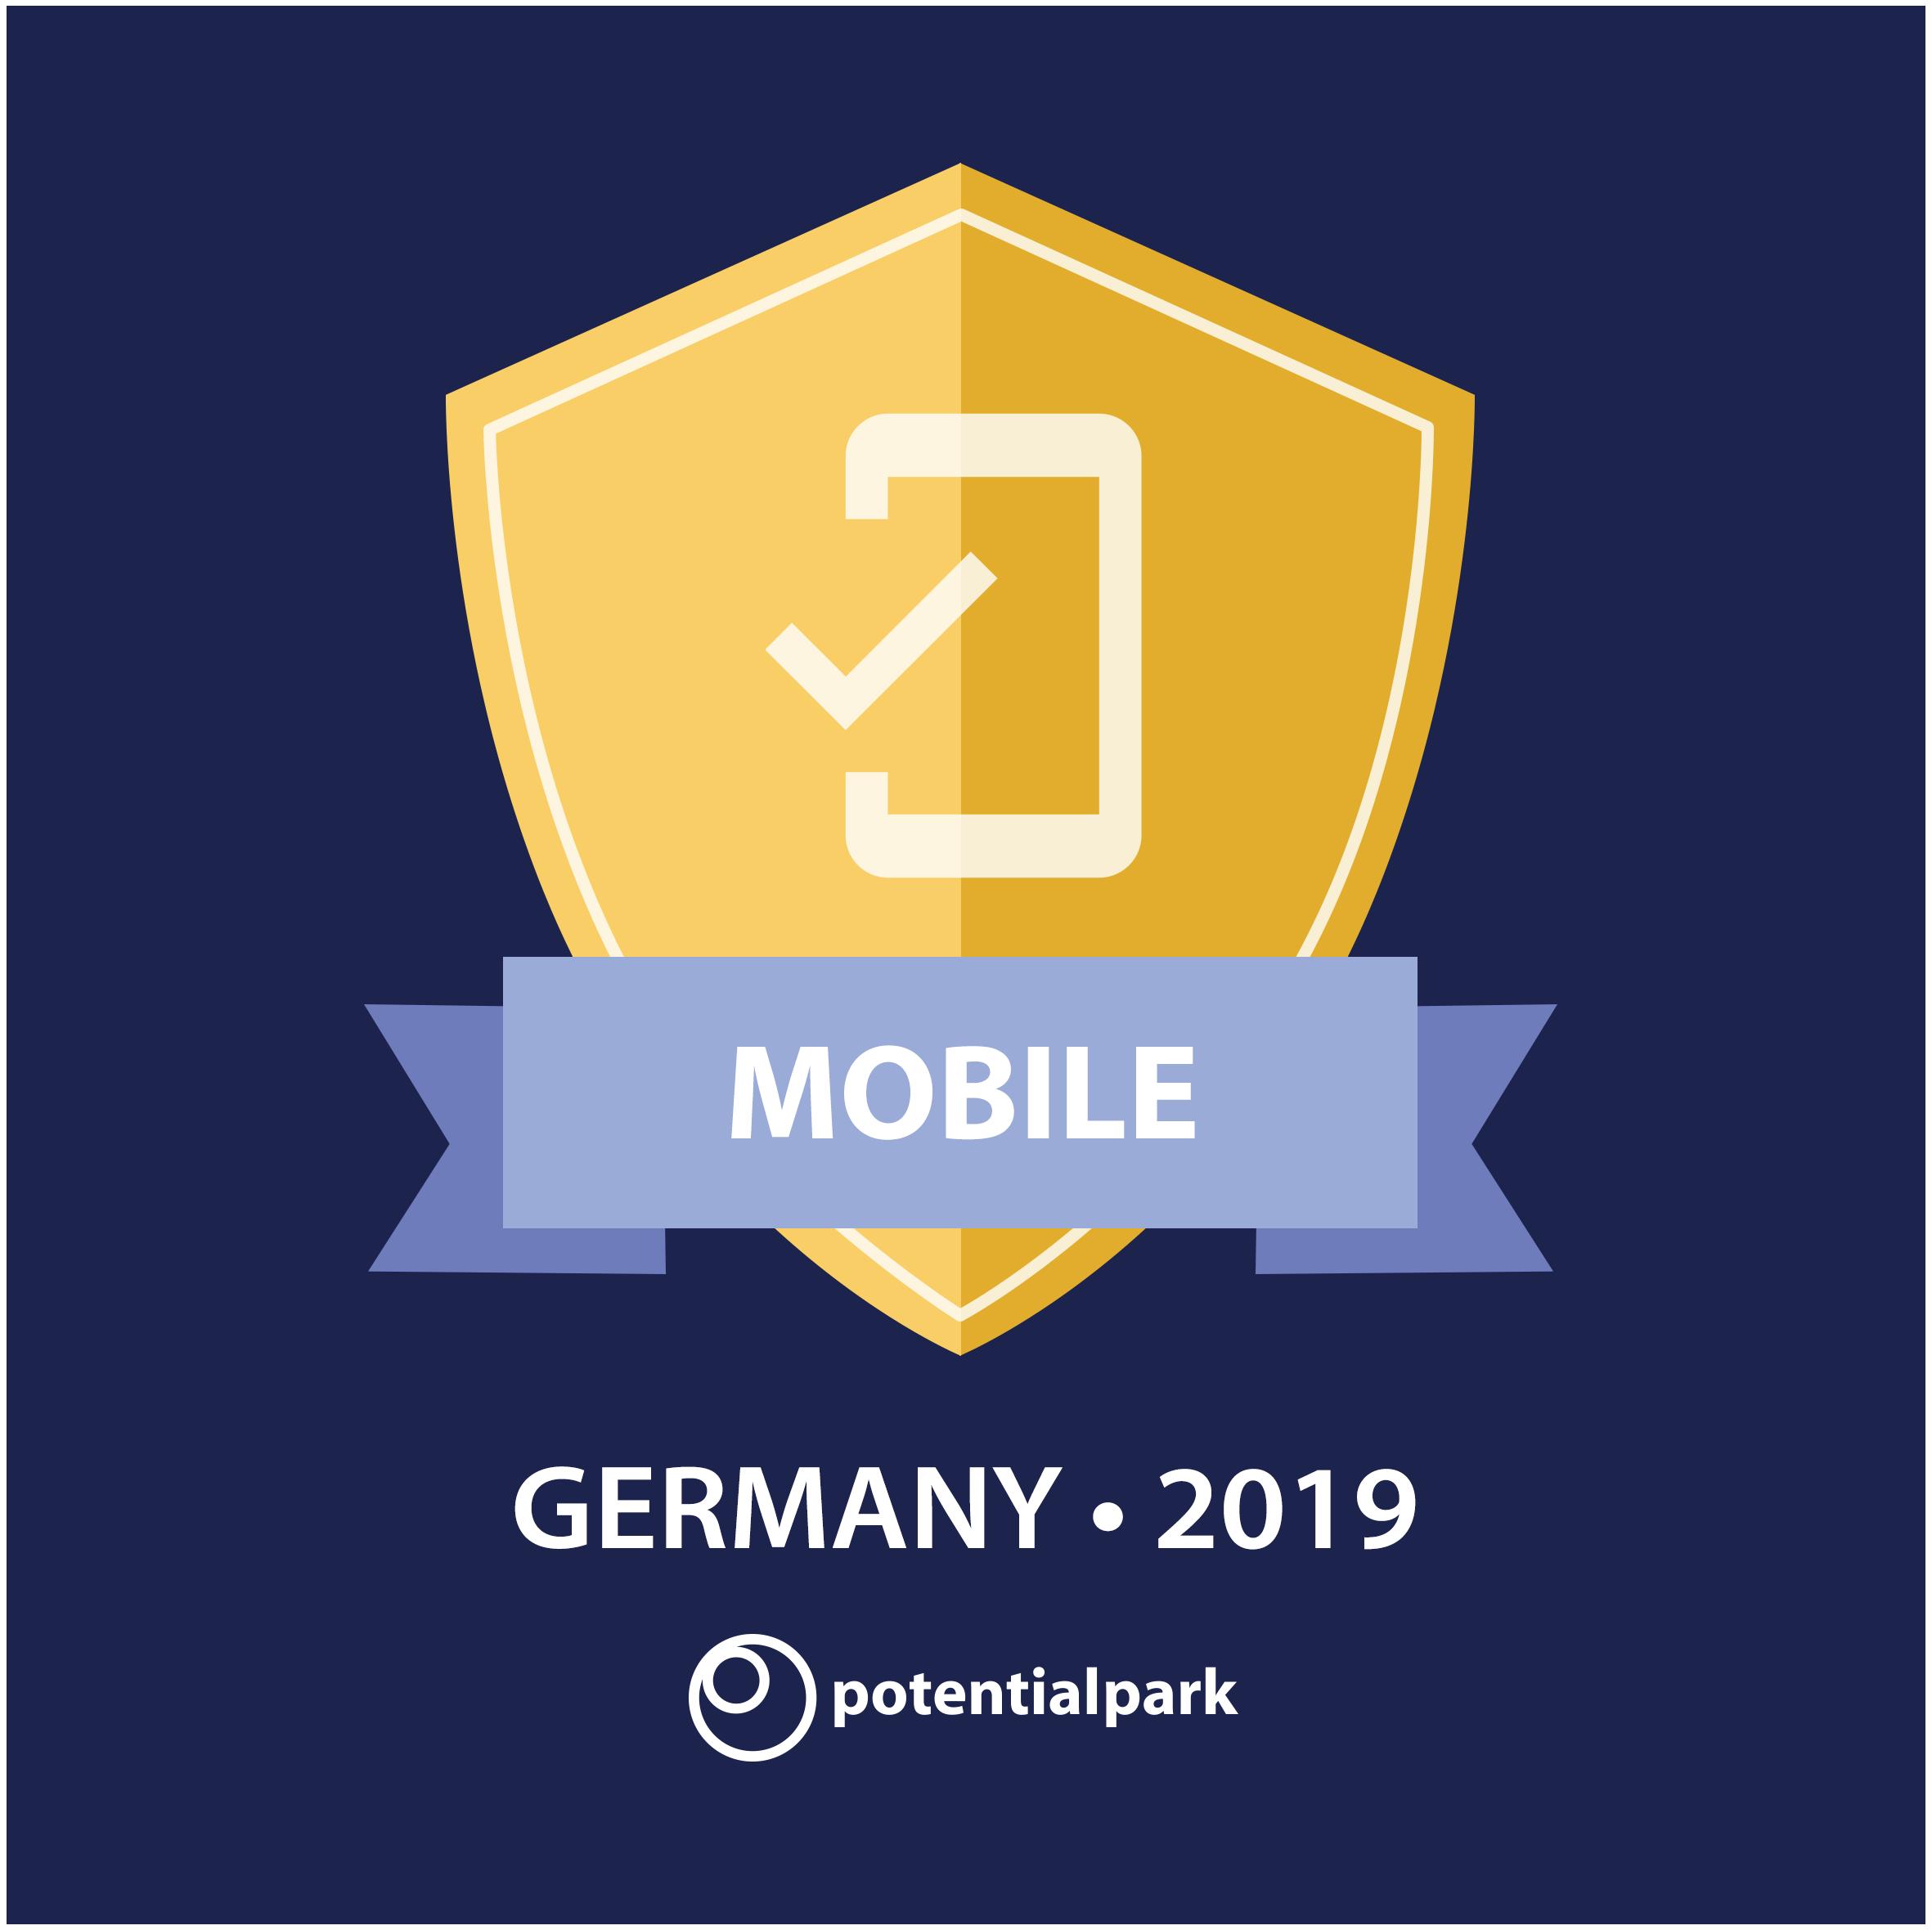 Mobile_DE_0.png